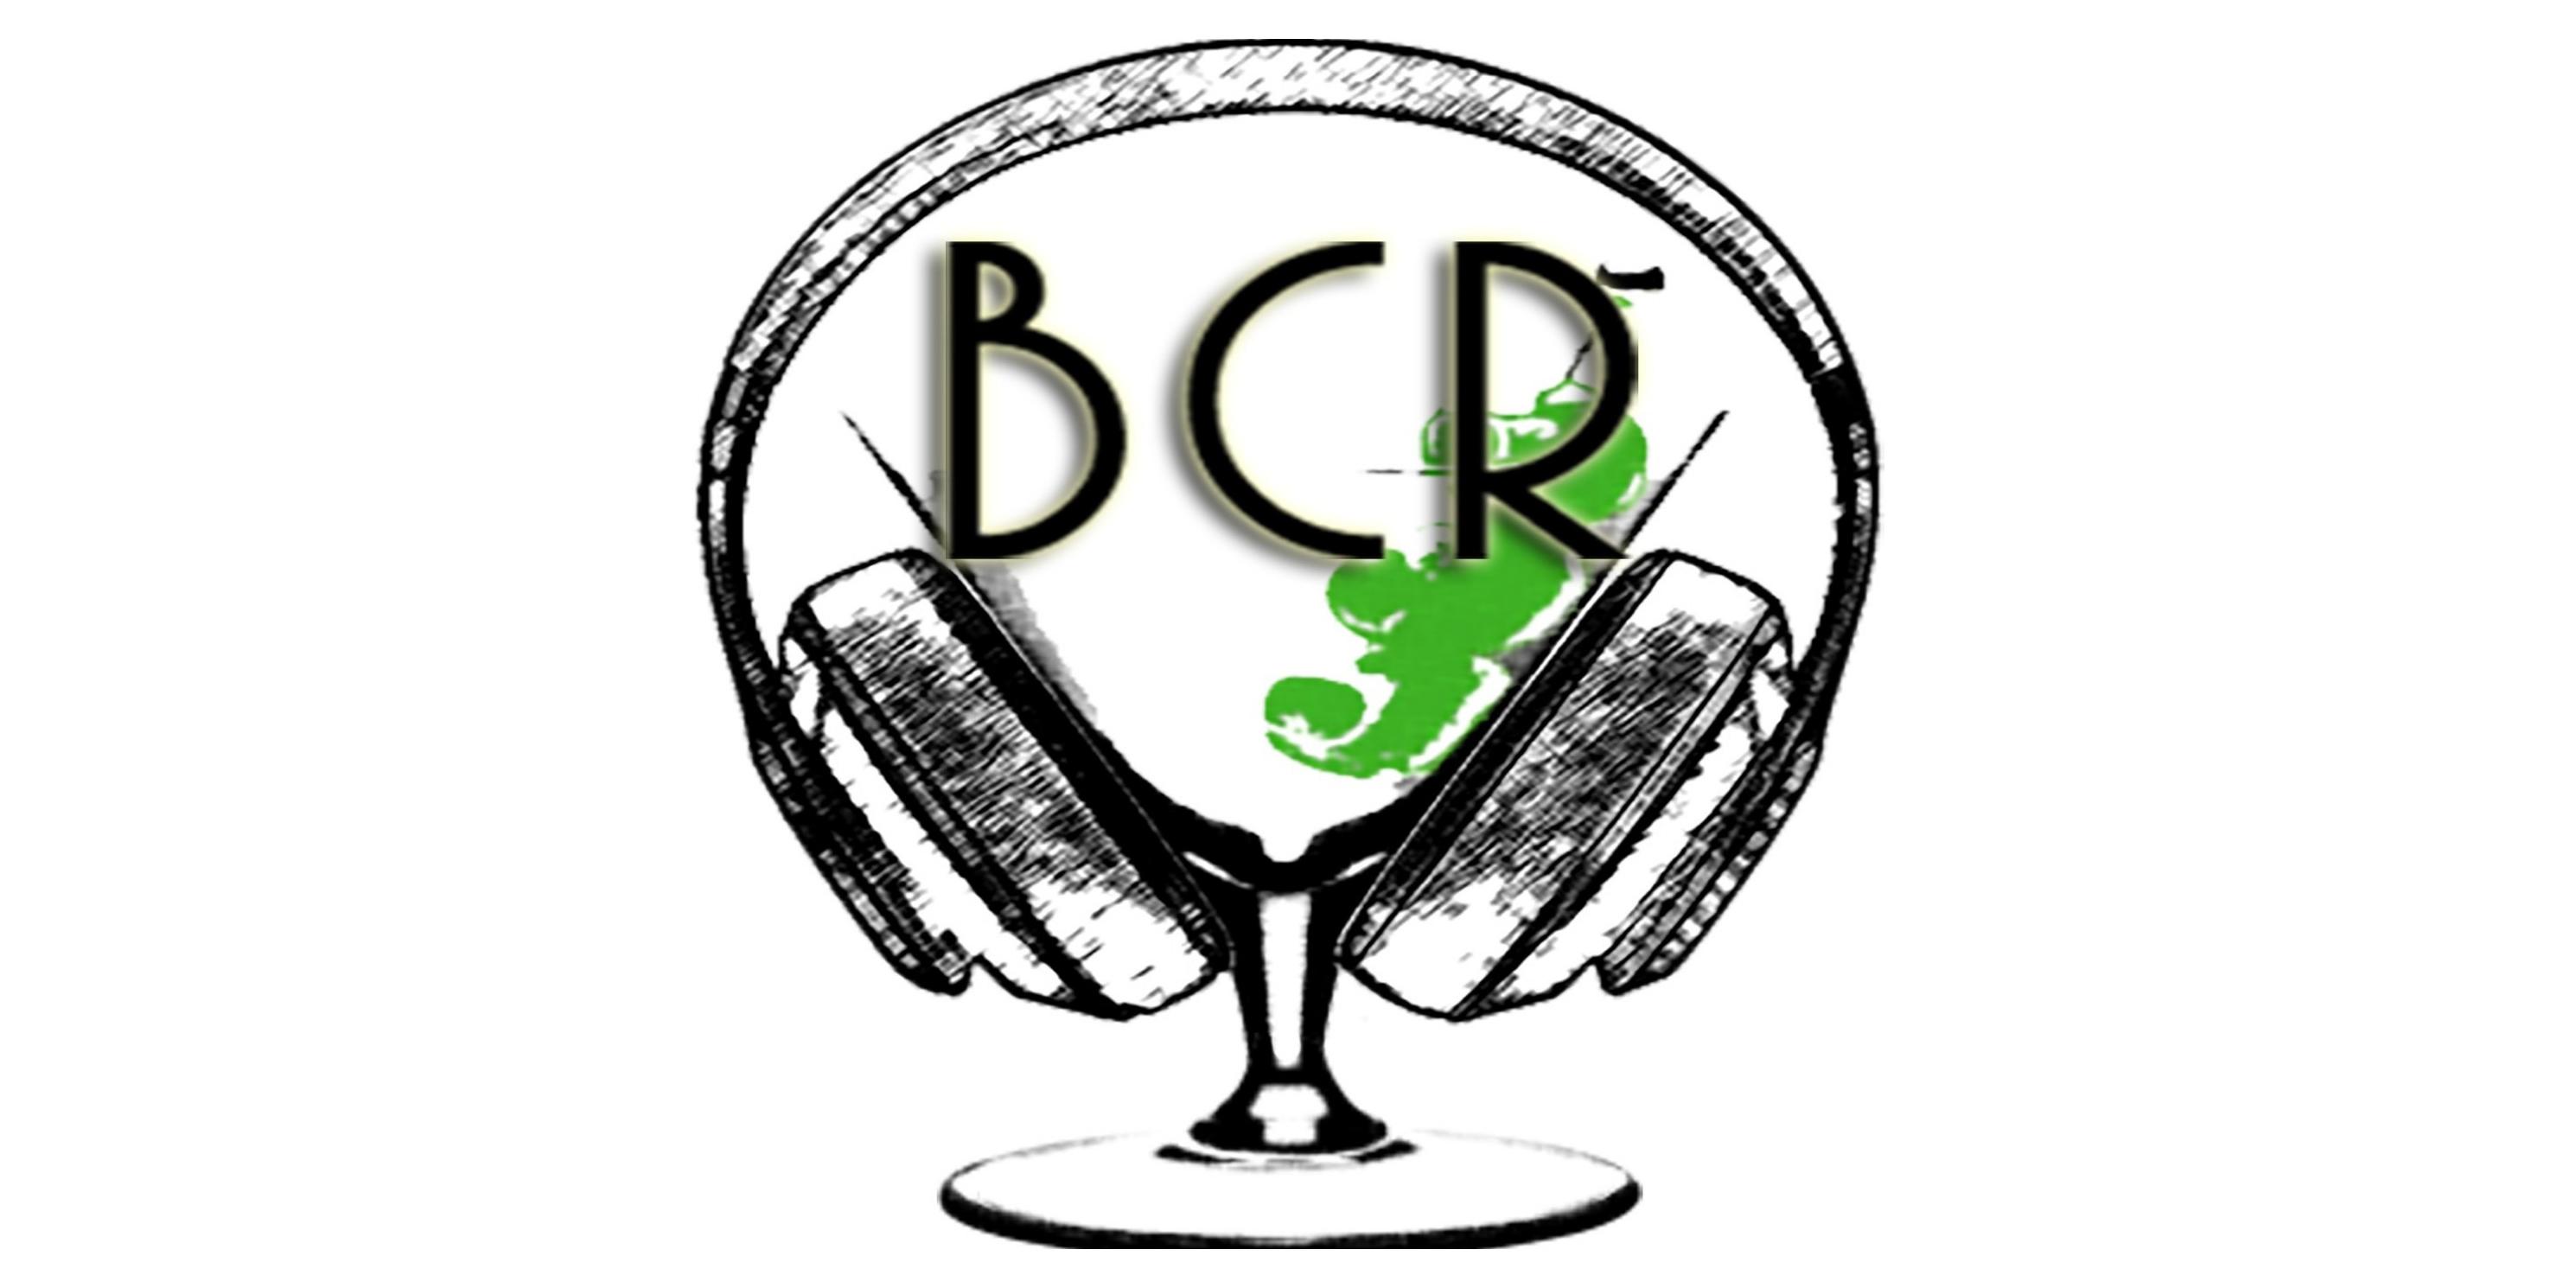 Bar Crawl Radio logo